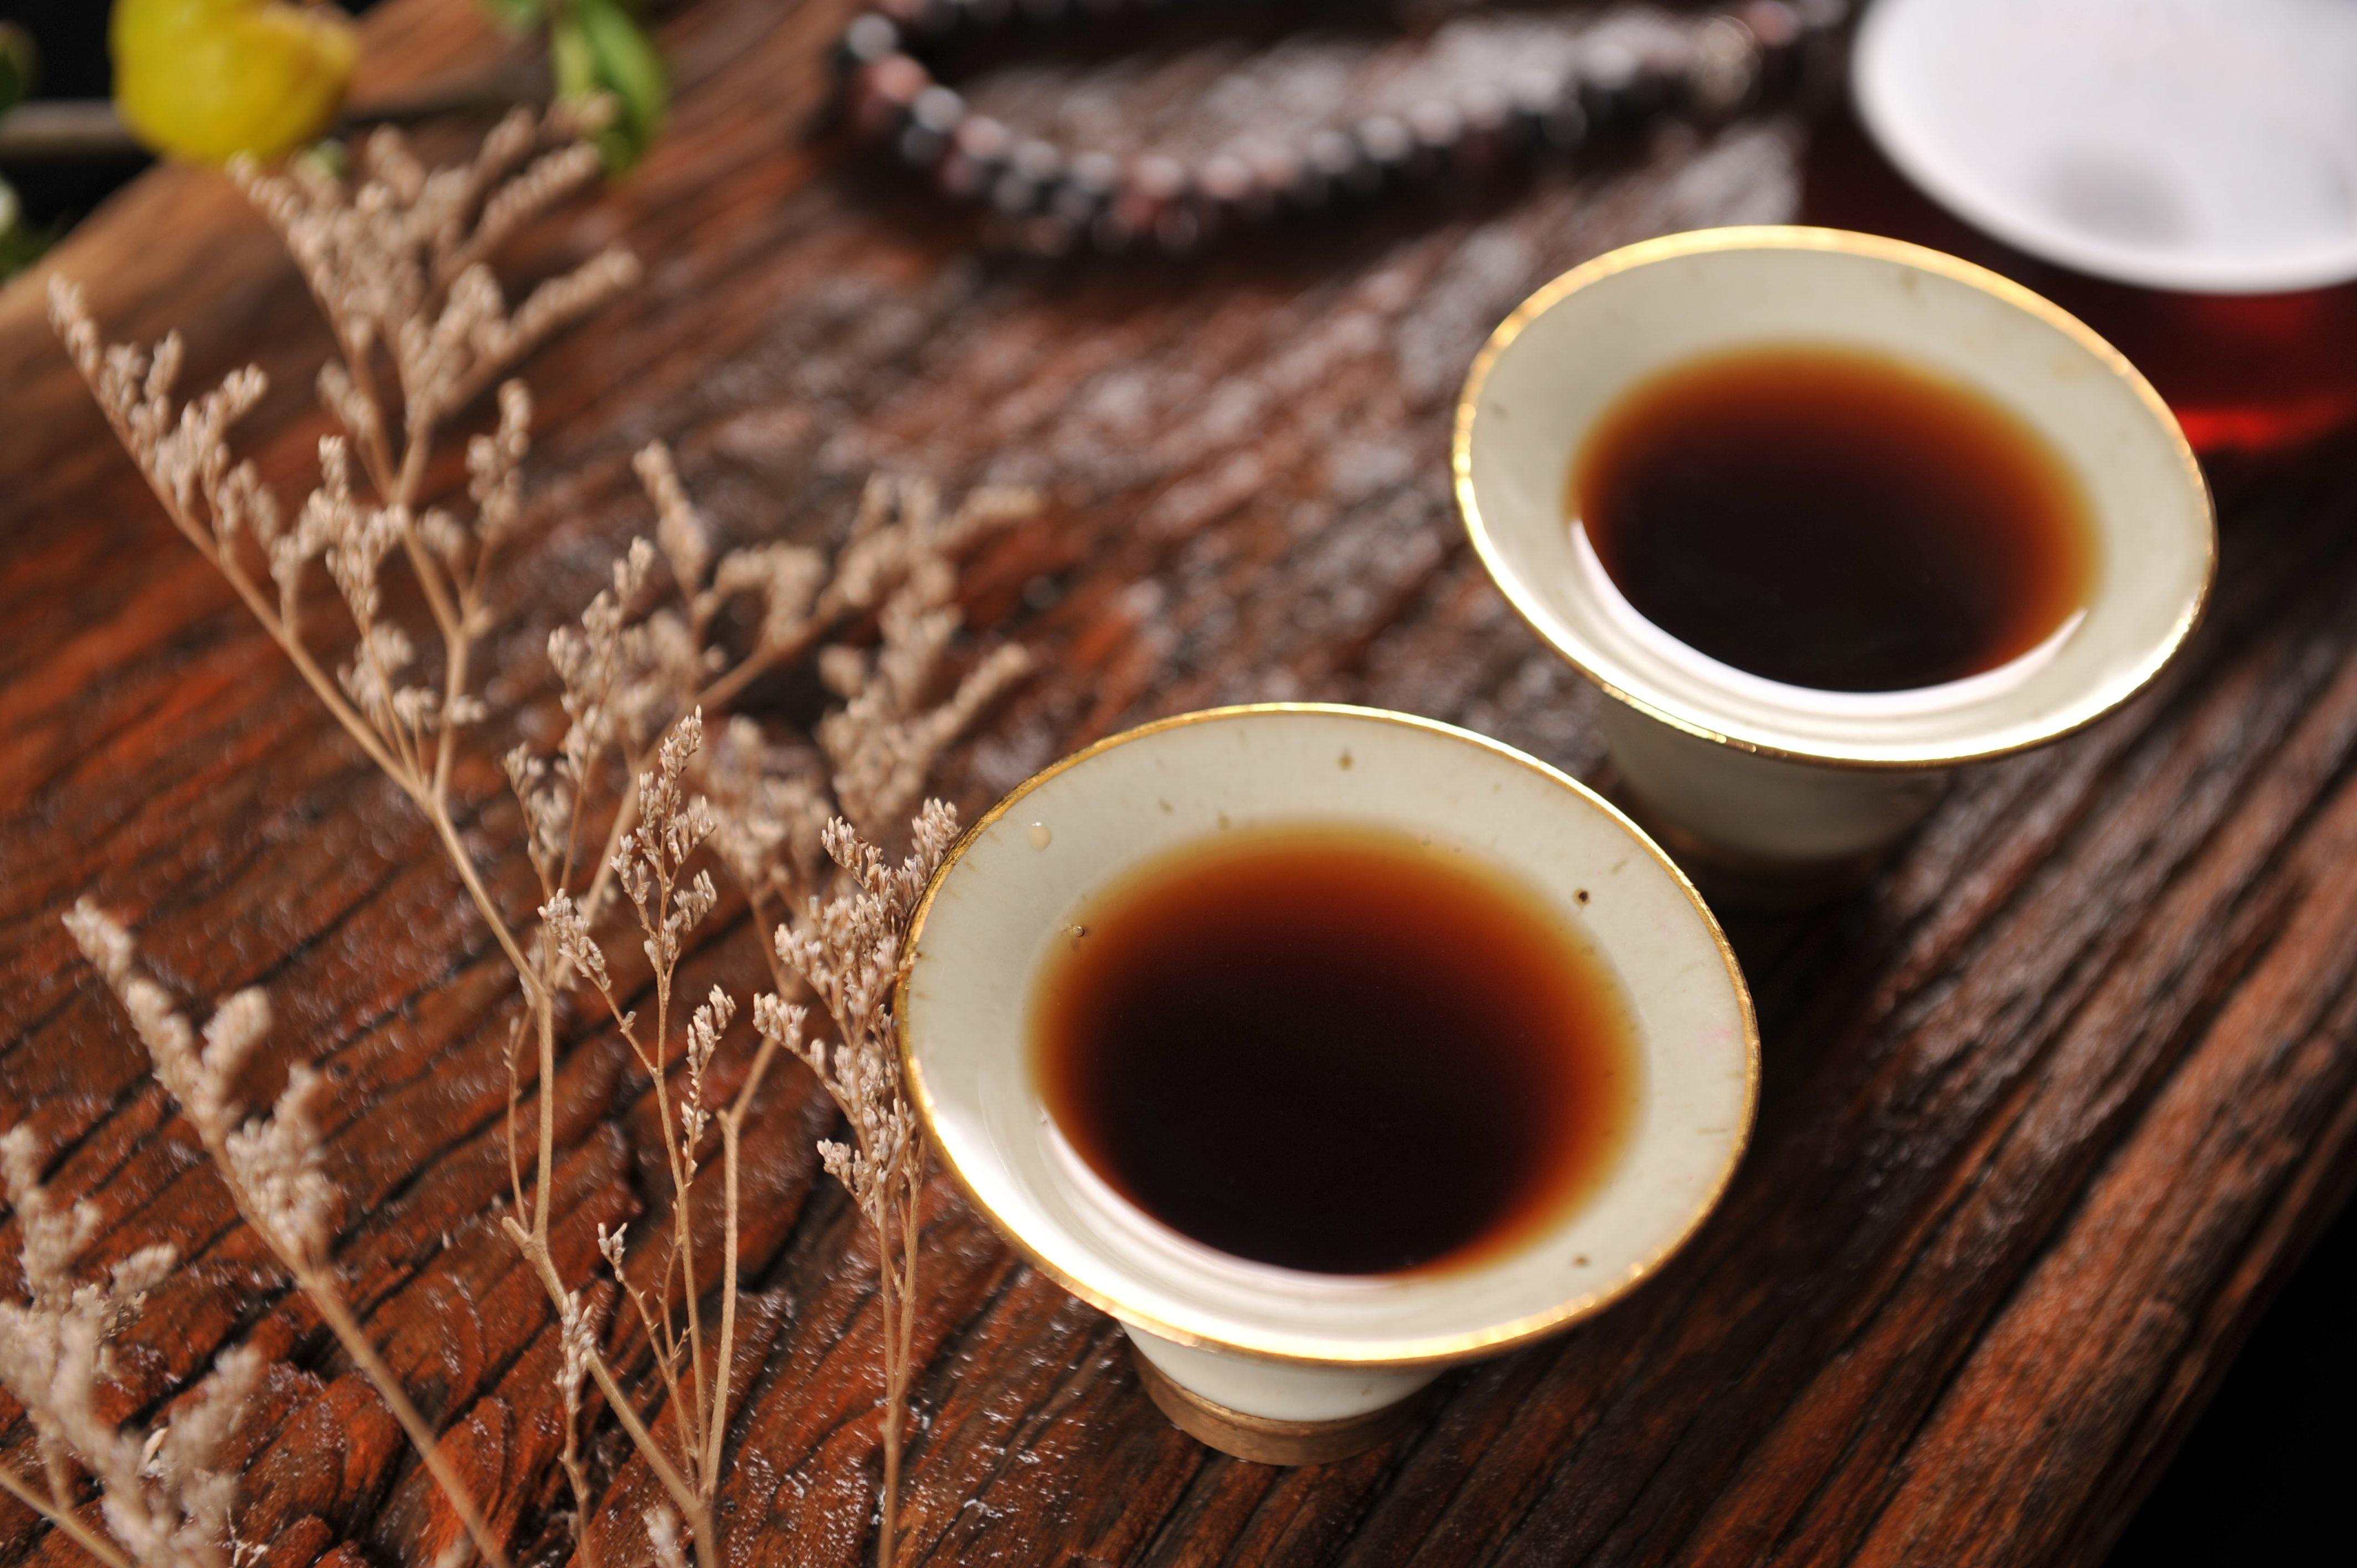 开茶叶店多少钱_开一家茶叶店多少钱?开一家茶叶店的成本!_茶叶店加盟网